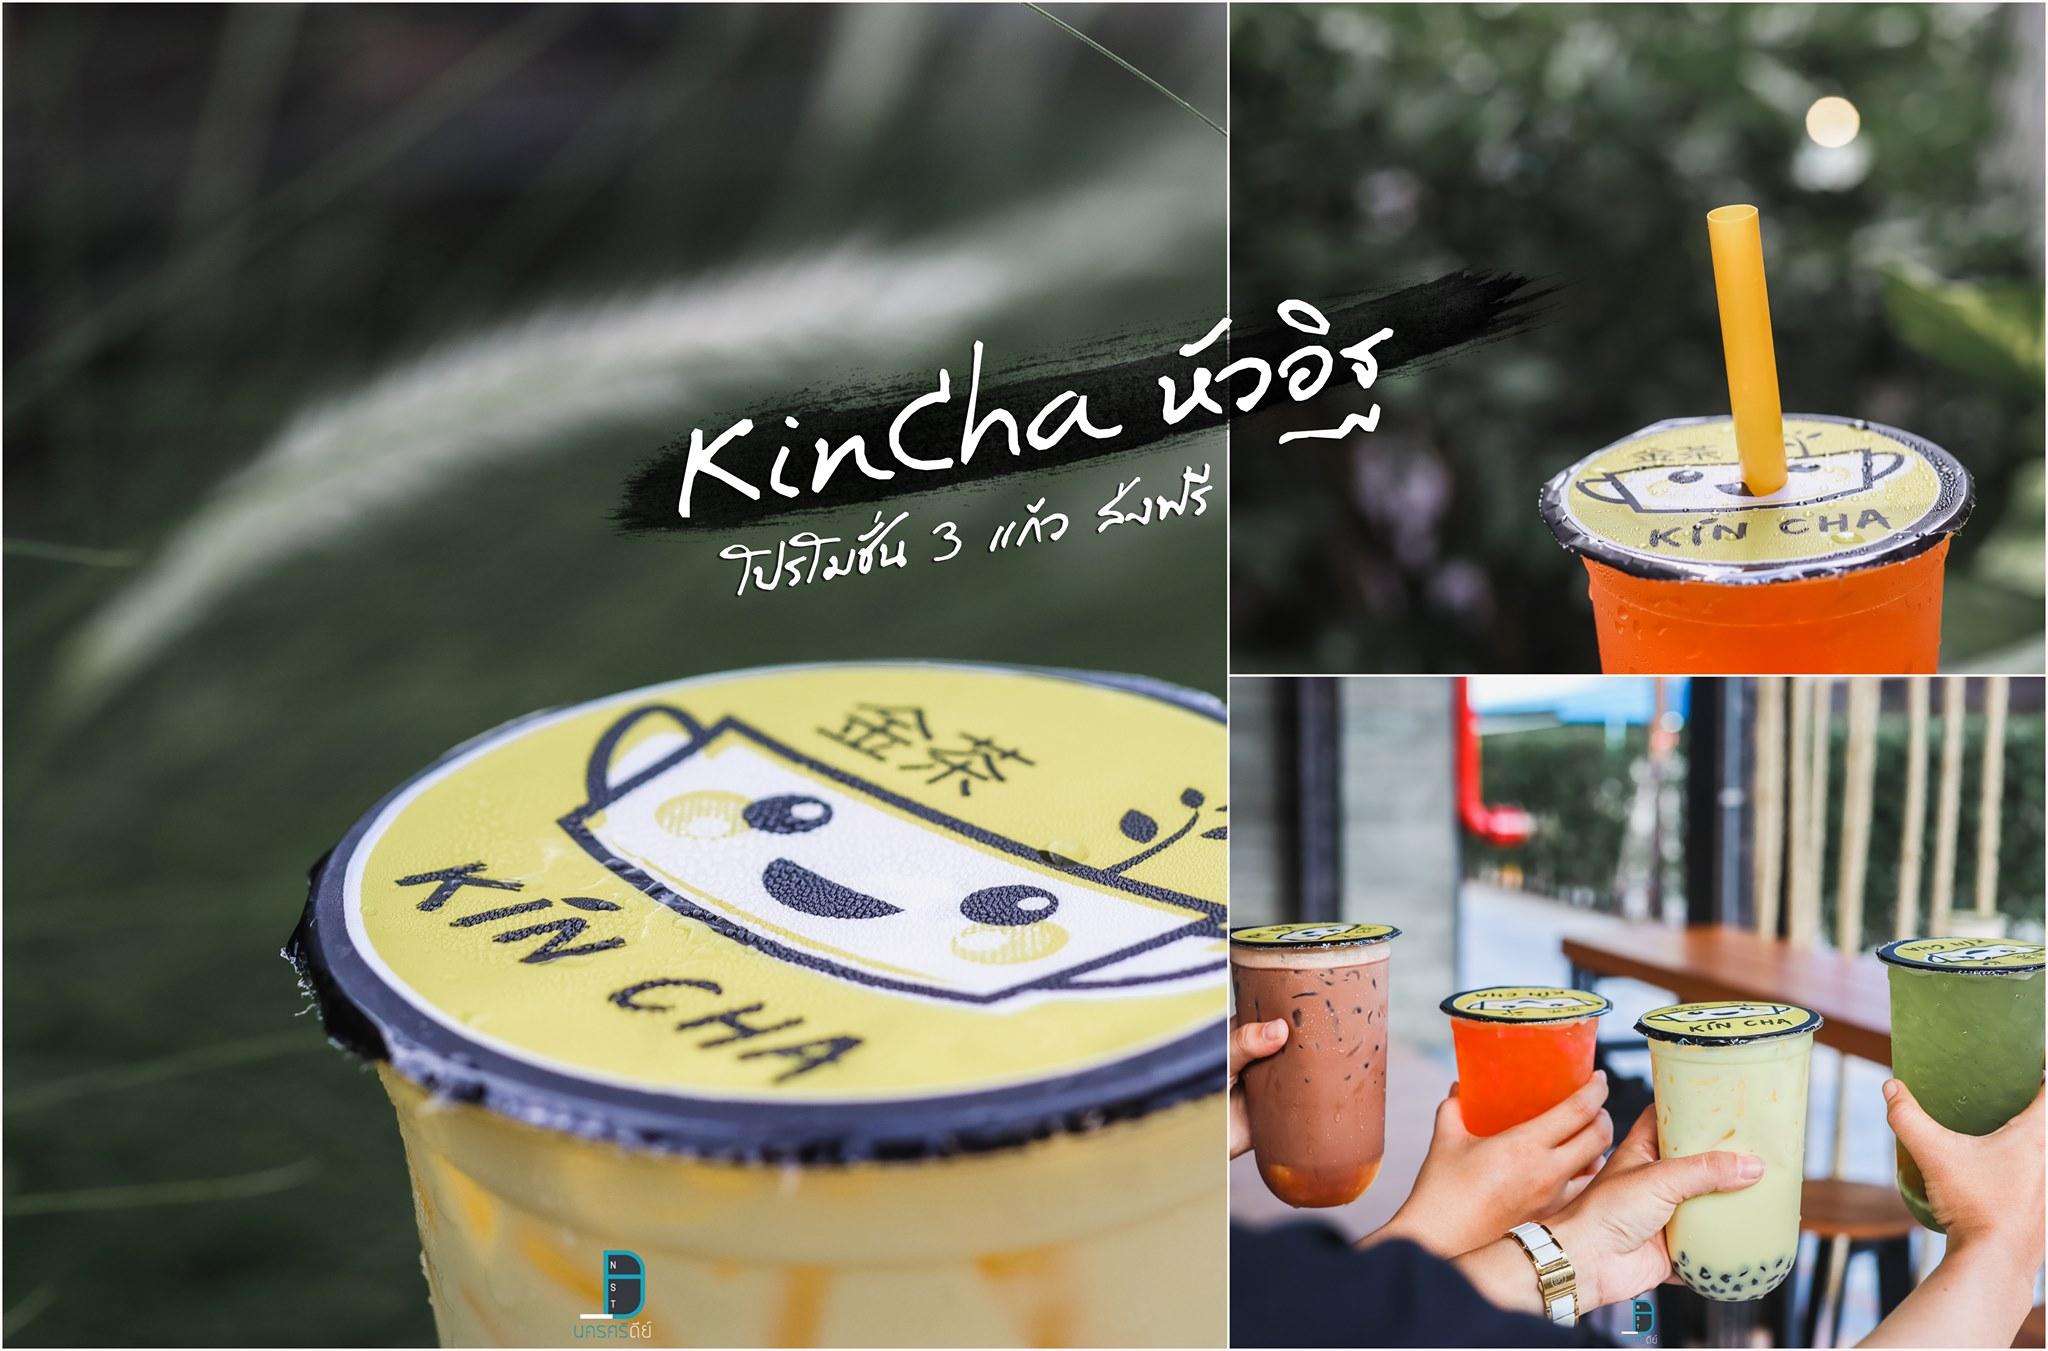 Kincha ชาไข่มุกทีเด็ดแห่งนครศรี เจ้าแรกๆ เปิดมากว่า 5 ปี